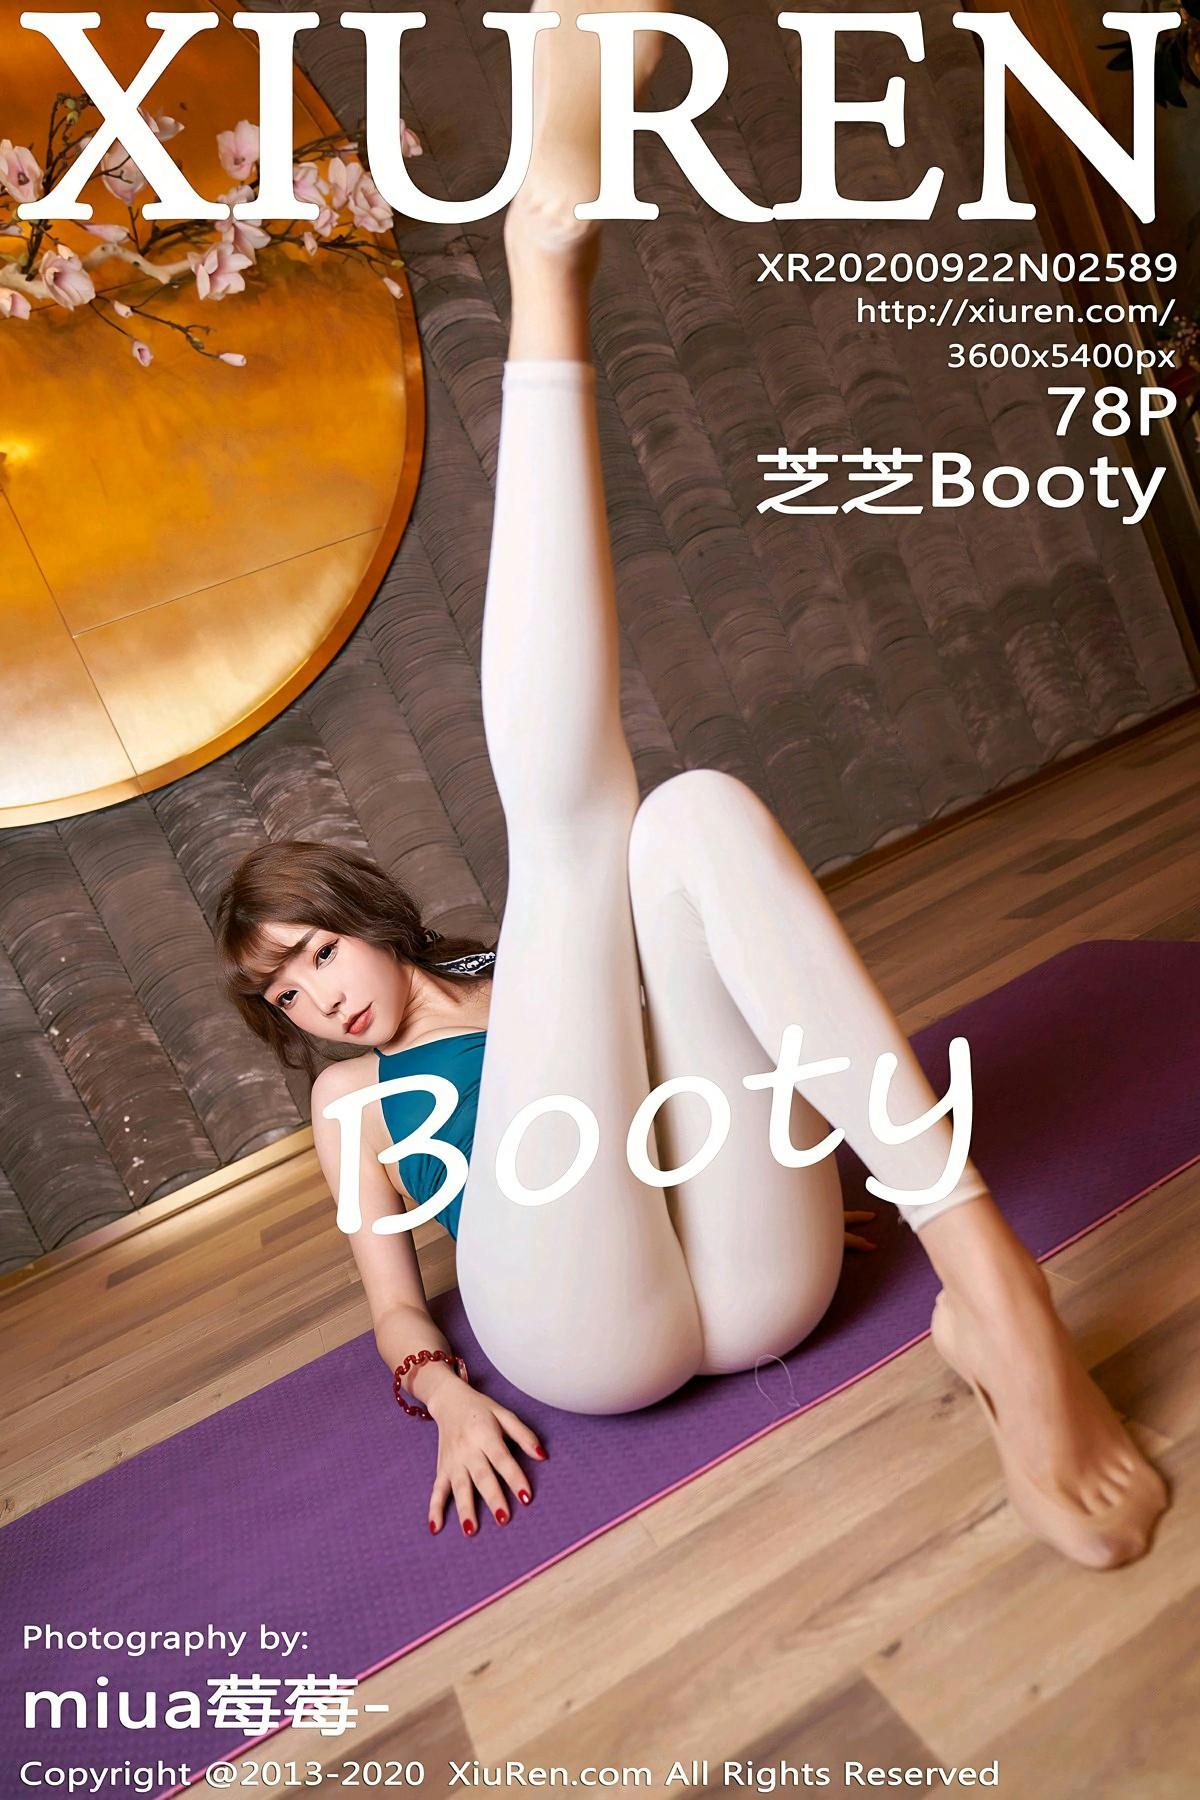 [XiuRen秀人网] 2020.09.22 No.2589 芝芝Booty 第1张